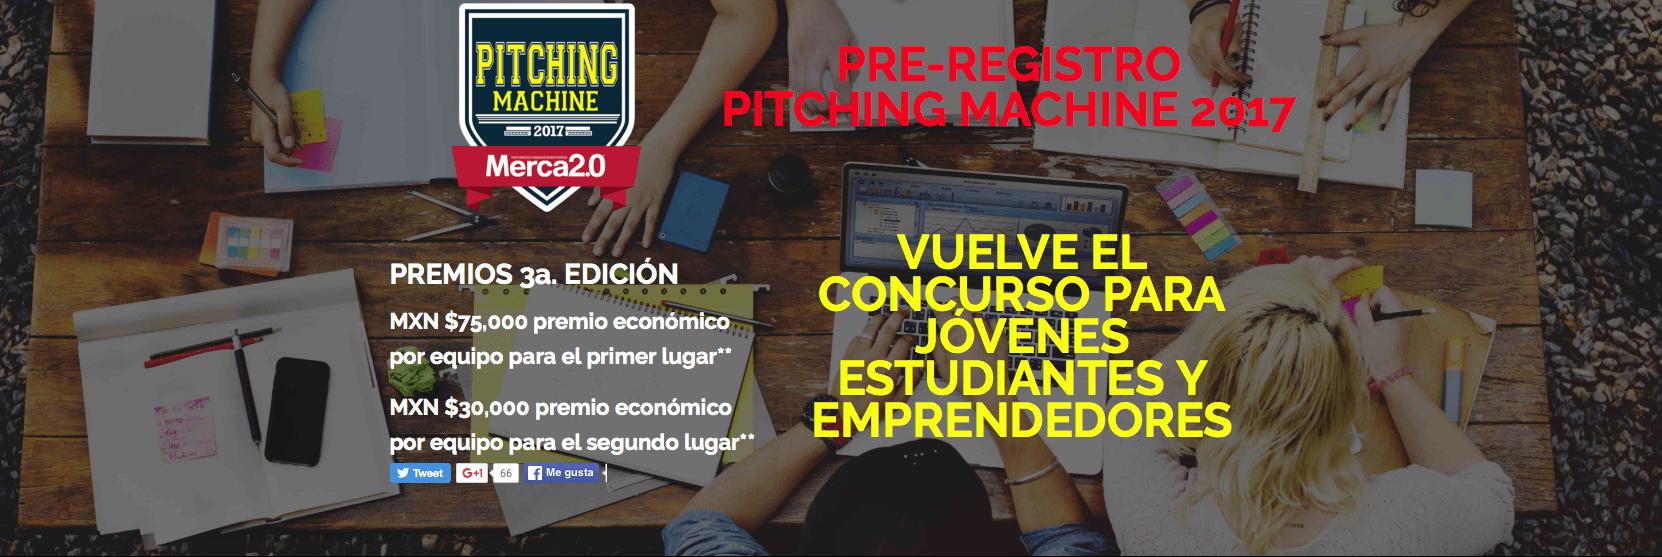 Concurso Pitching Machine 2017 Merca 2.0: Crea una campaña publicitaria y gana $75,000